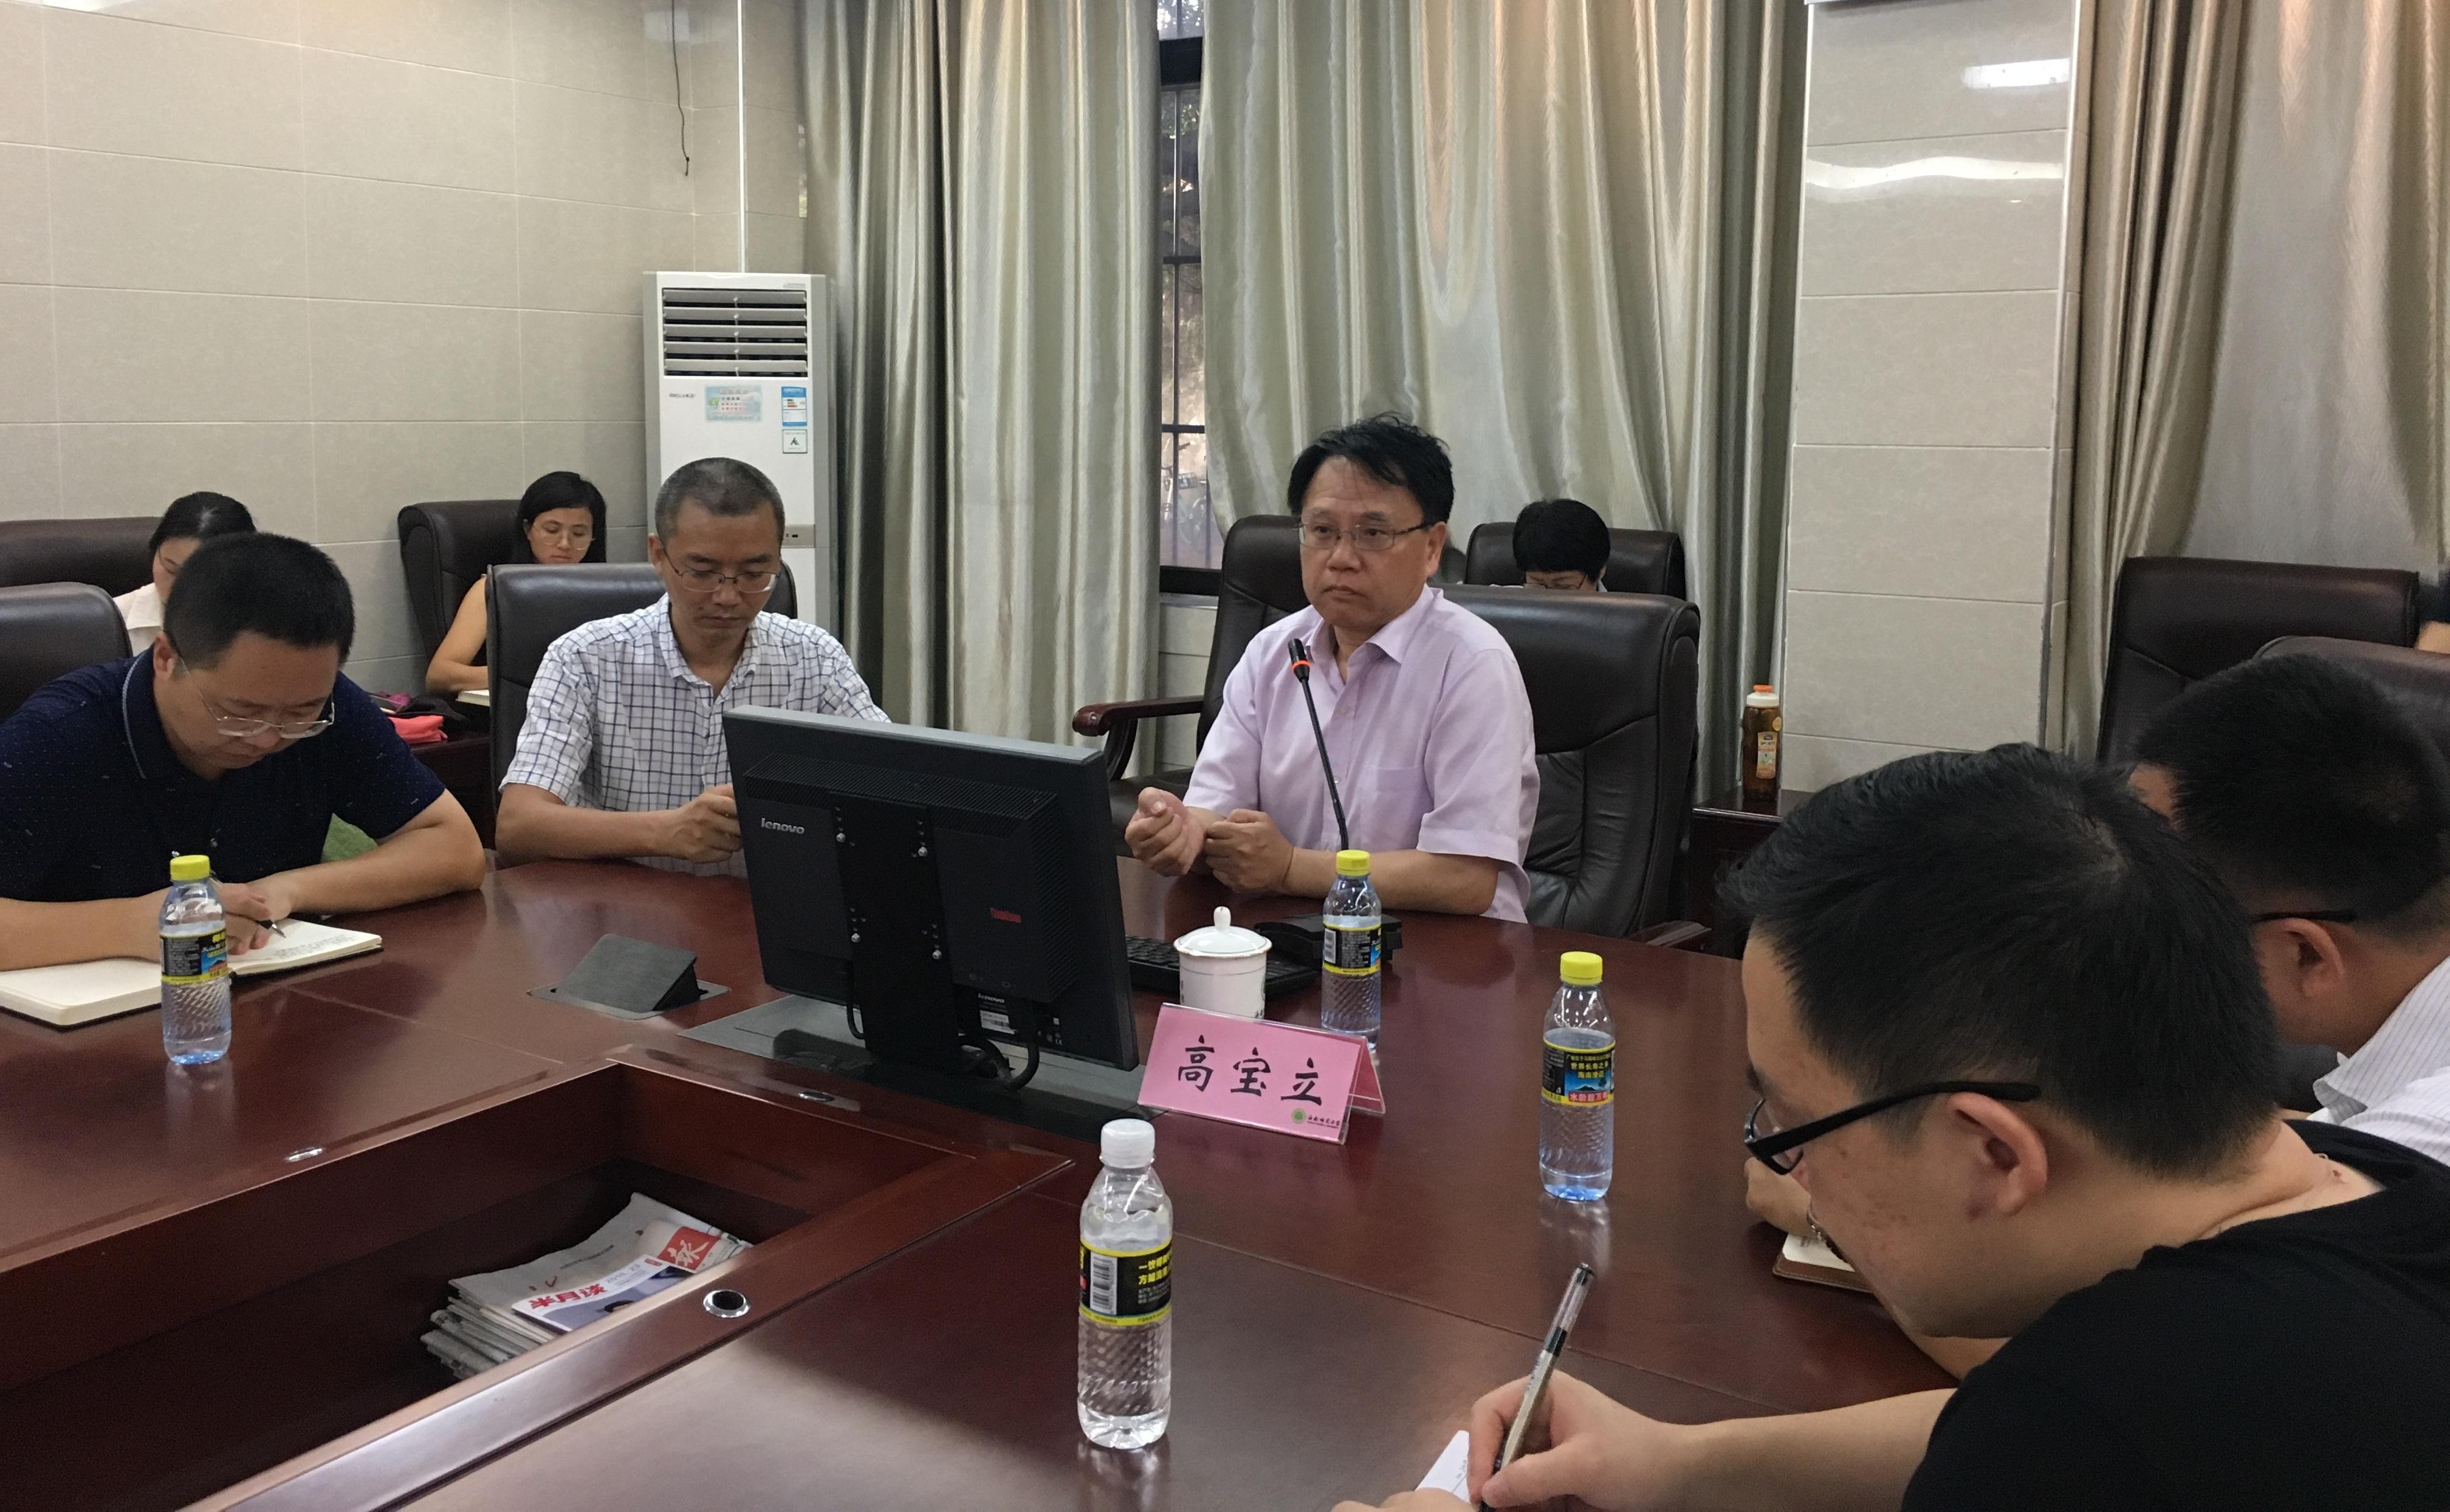 中国教育科学研究院副院长高宝立教授到我校讲学